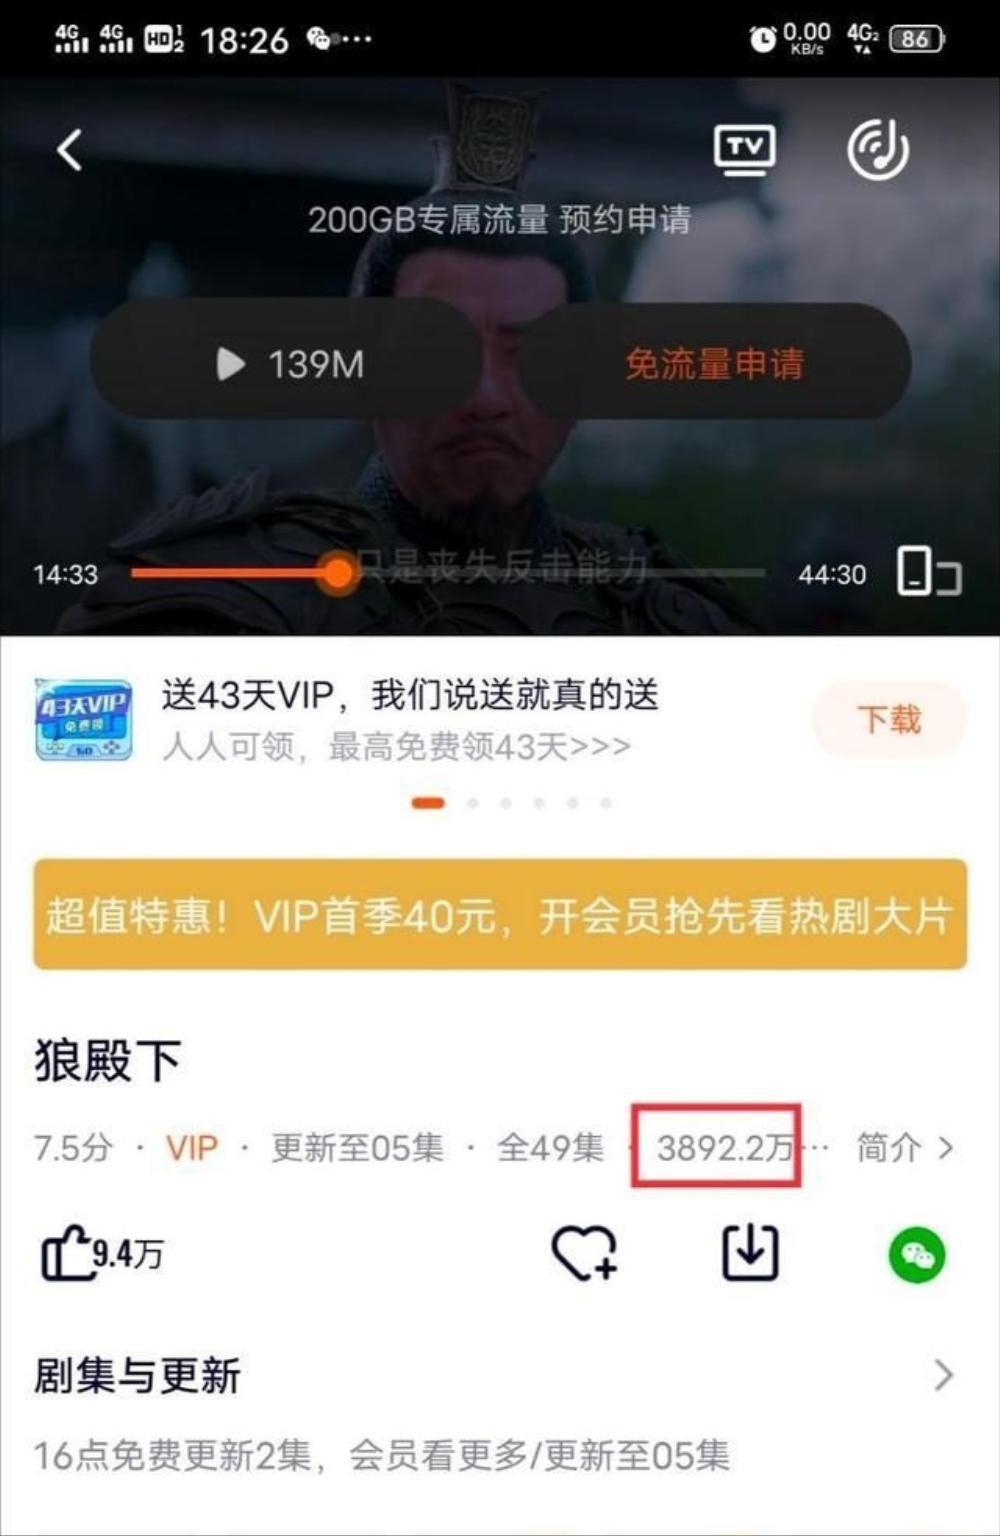 Douban Lang điện hạ: Tiêu Chiến được ngợi khen, 26 ngàn bình luận đánh giá chỉ sau vài giờ lên sóng Ảnh 6